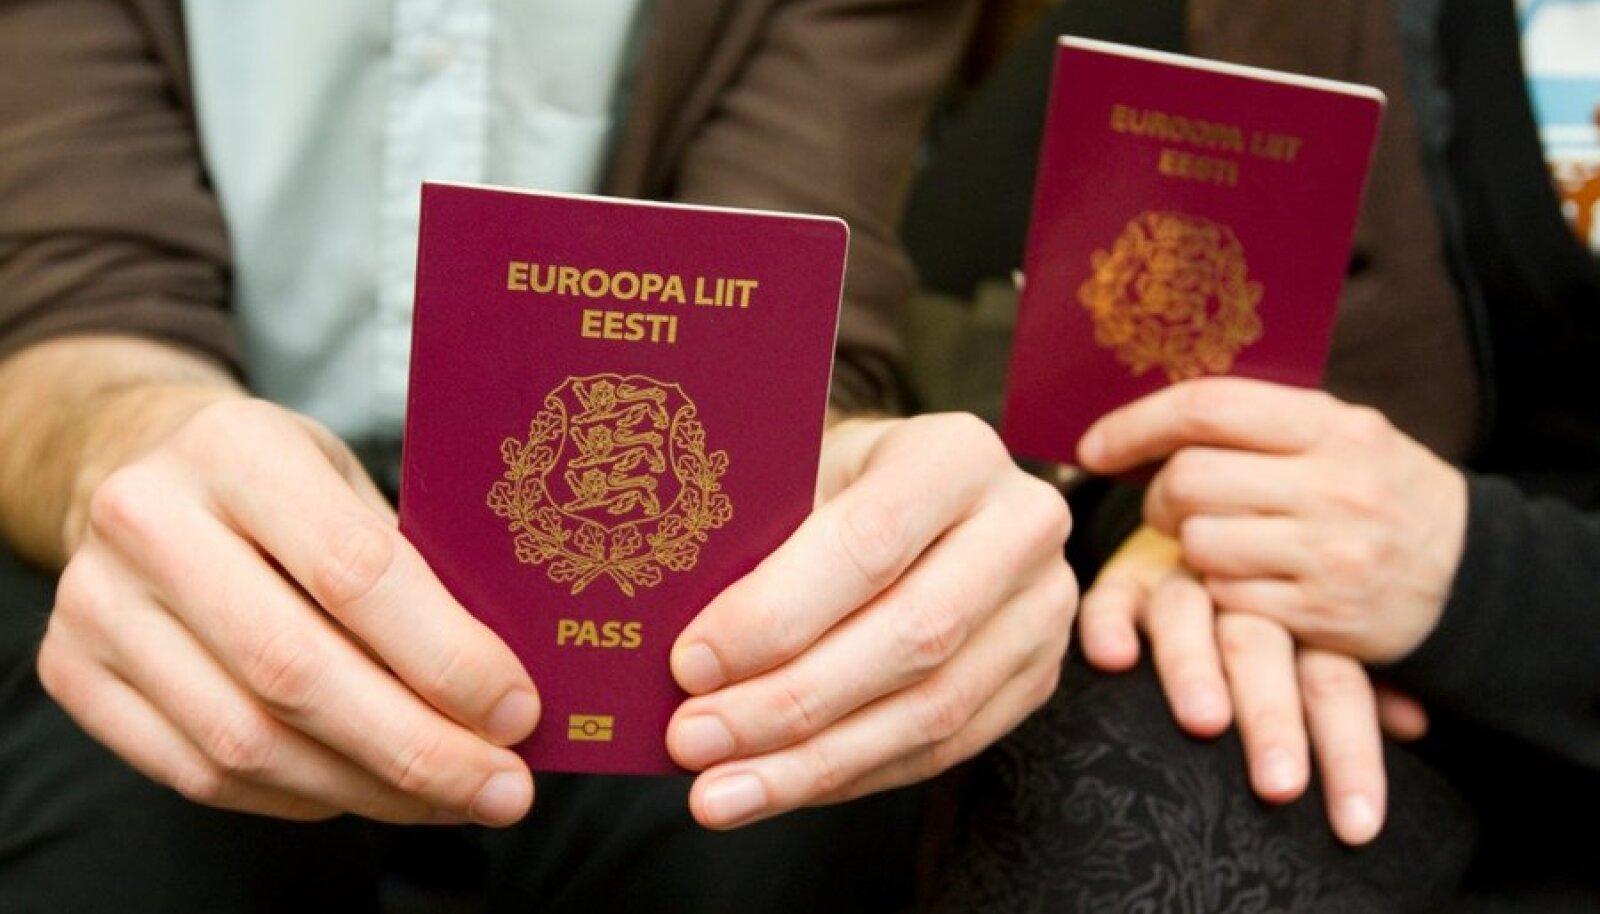 Euroopa Liidu pass